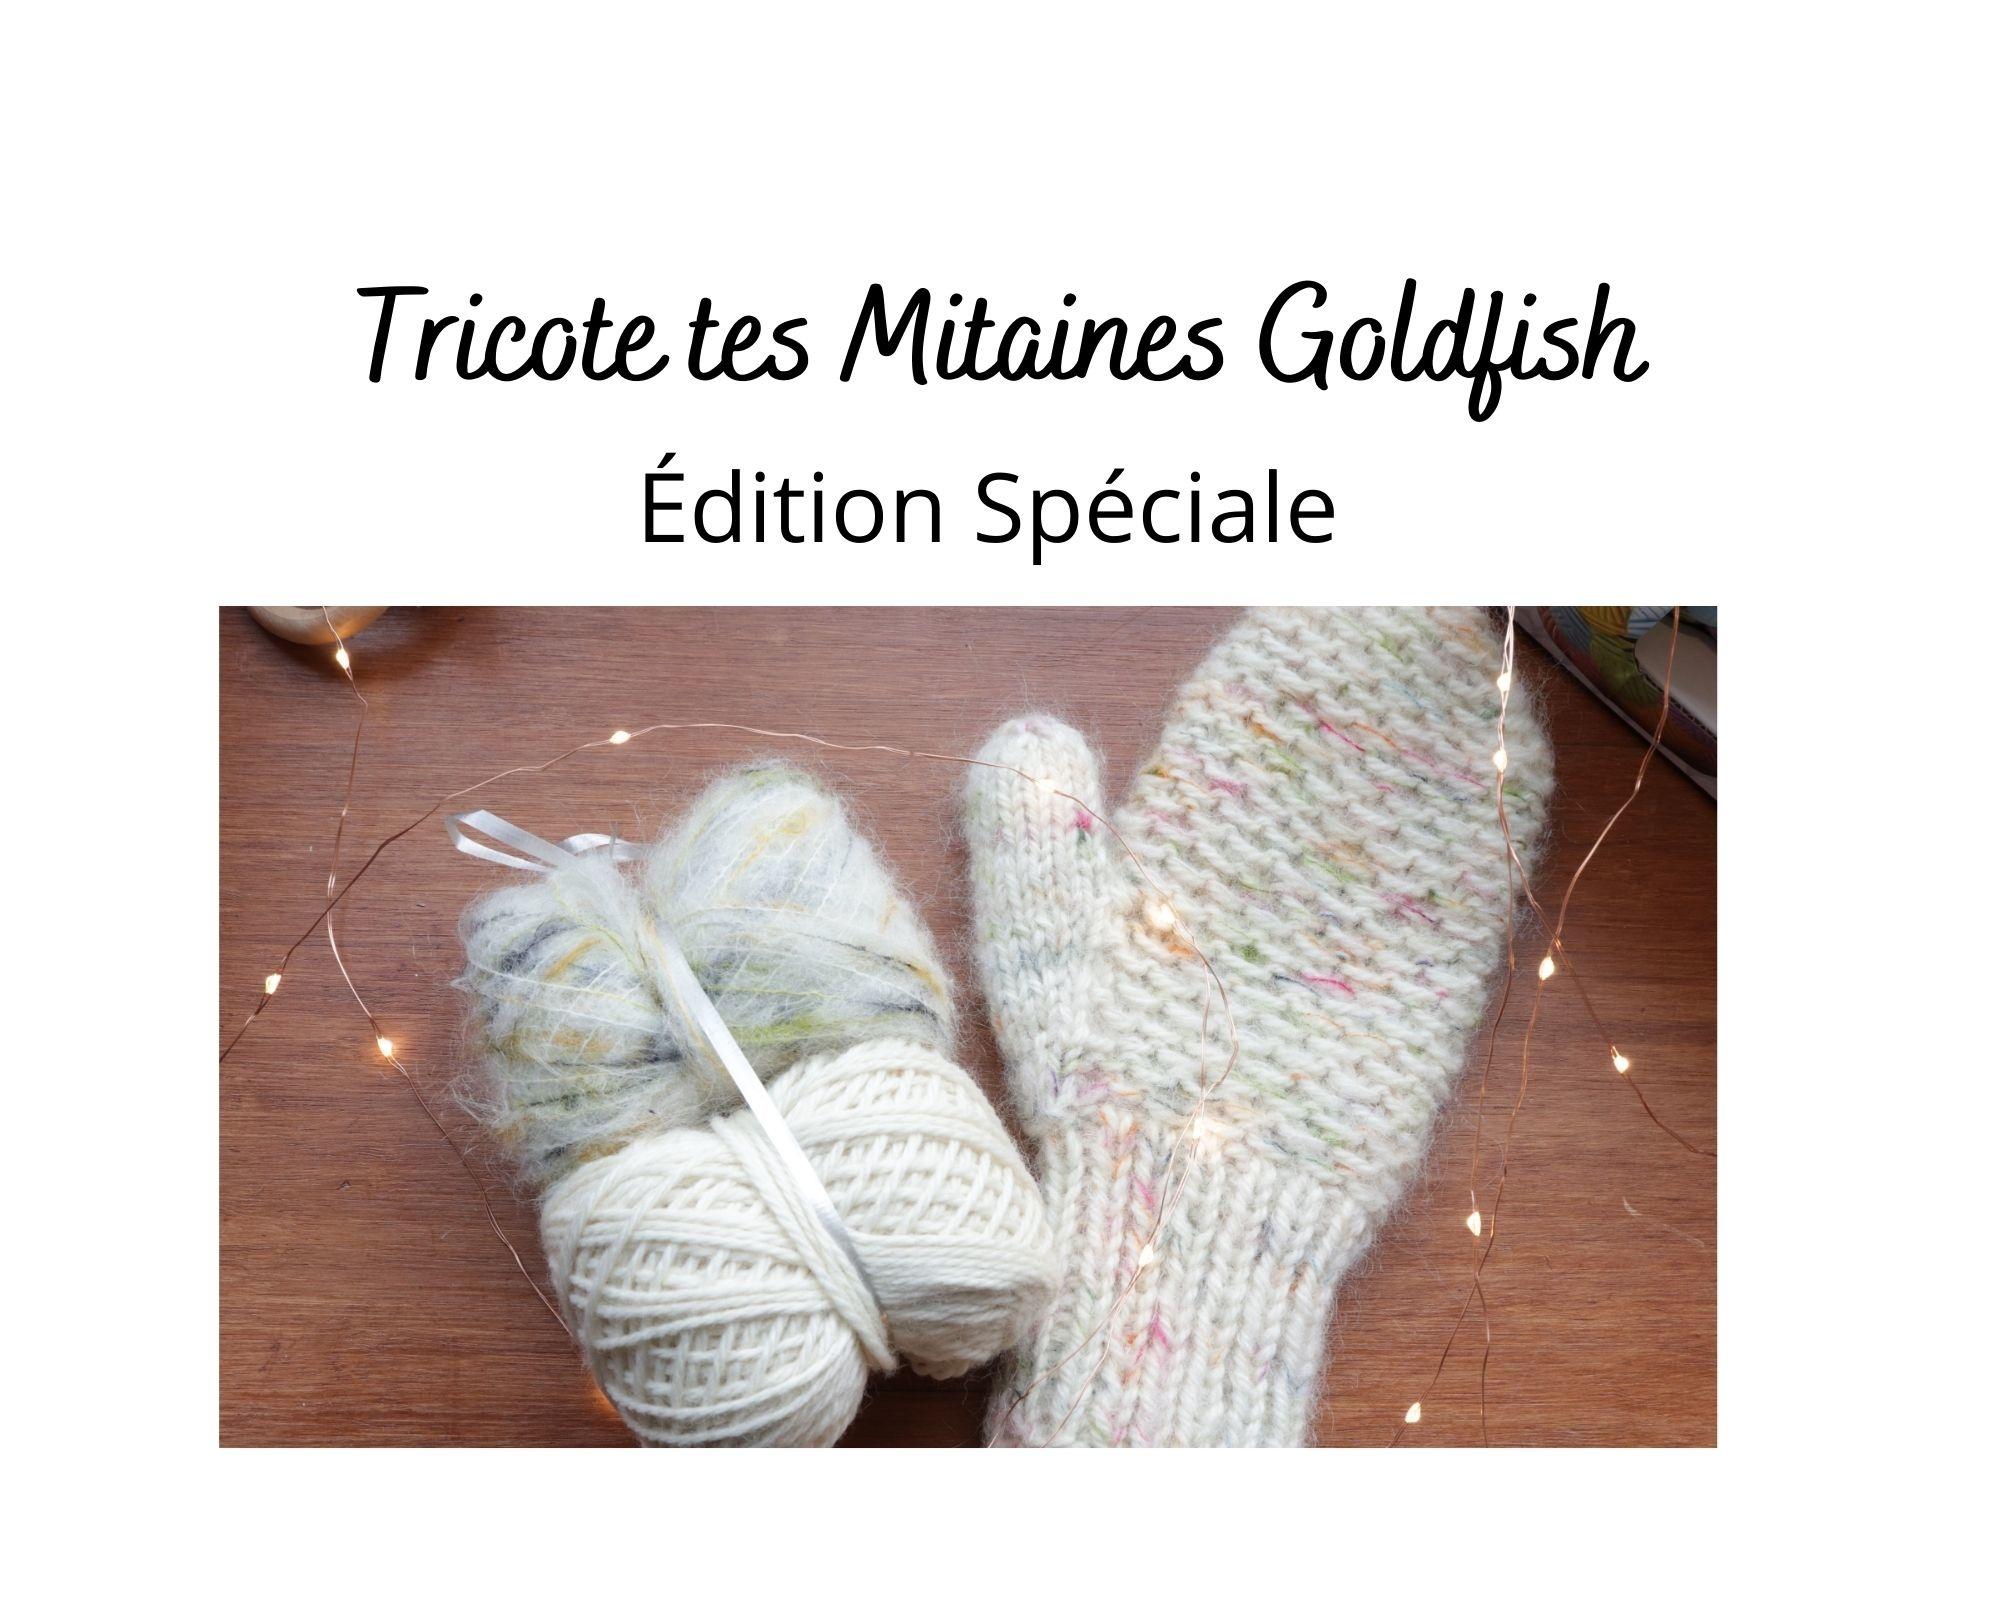 Mitaines Goldfish, édition spéciale